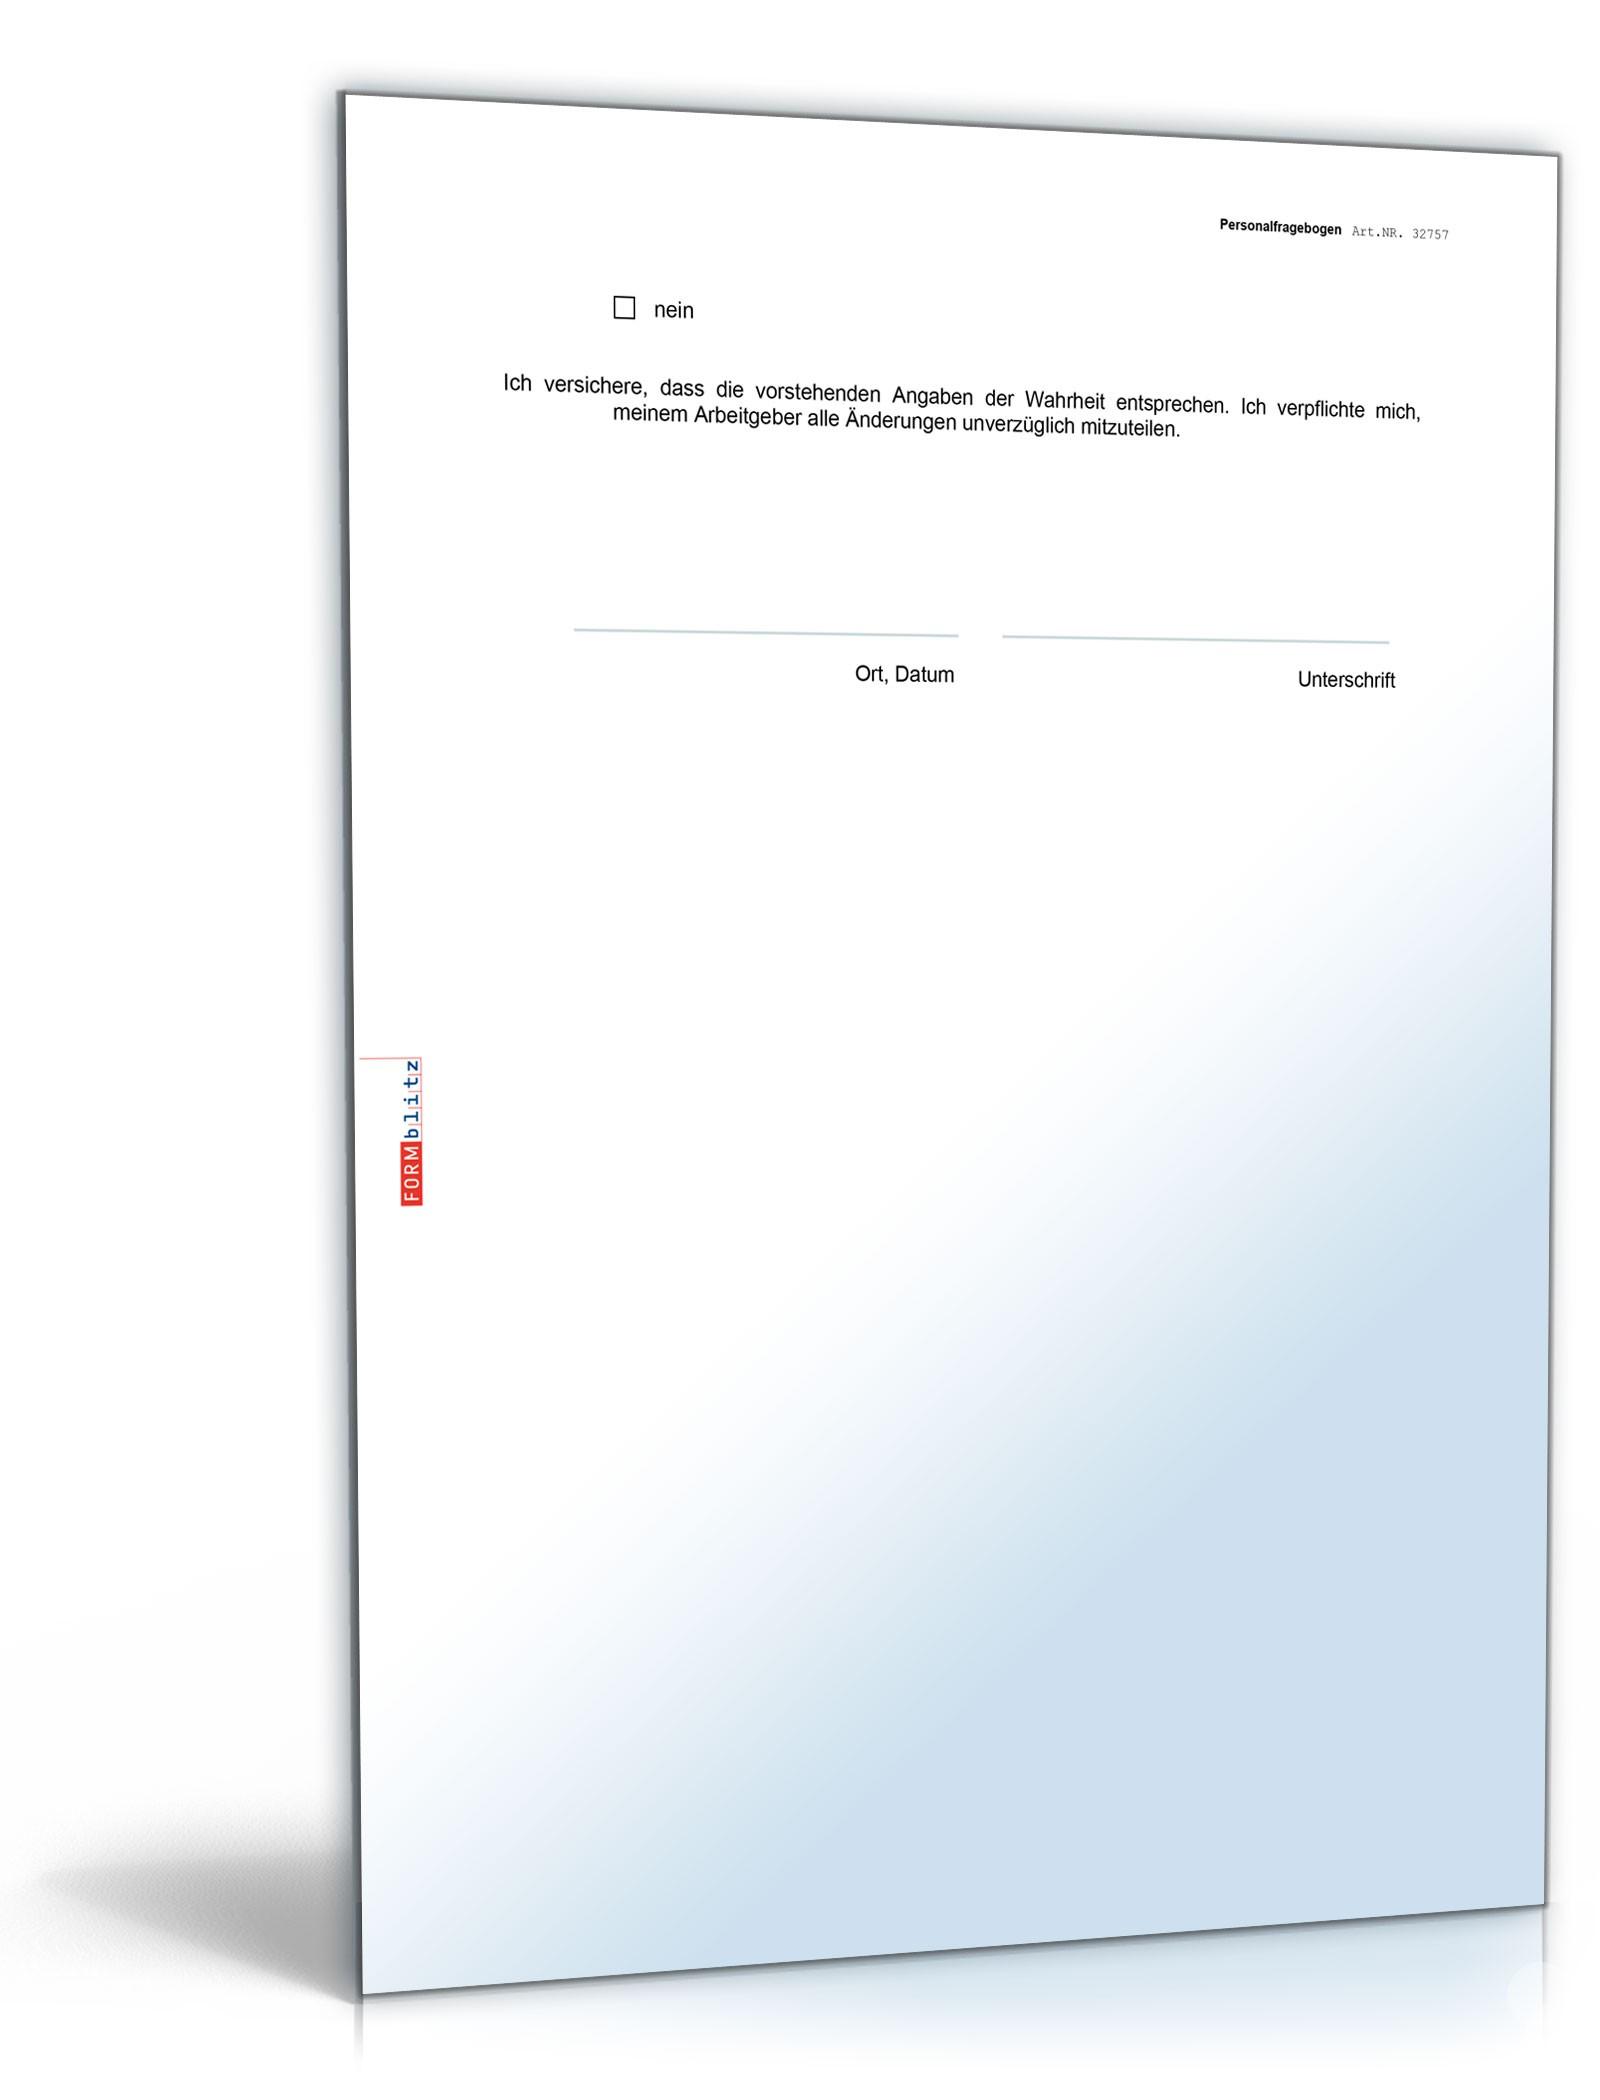 doc seite 4 - Personalfragebogen Muster